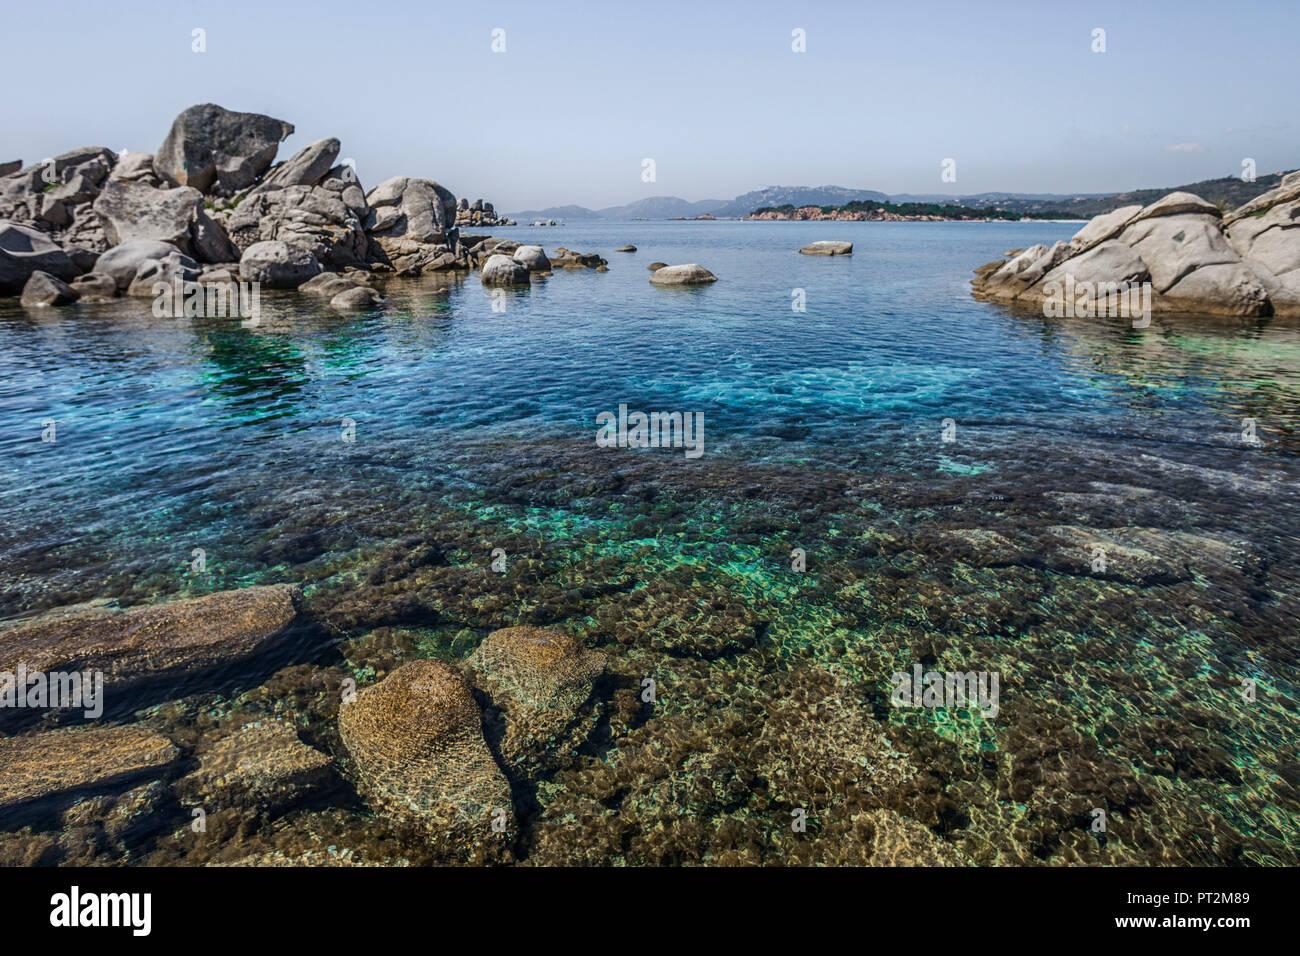 Vue sur la côte de Palombaggia Corse avec de l'eau d'un bleu profond Photo Stock